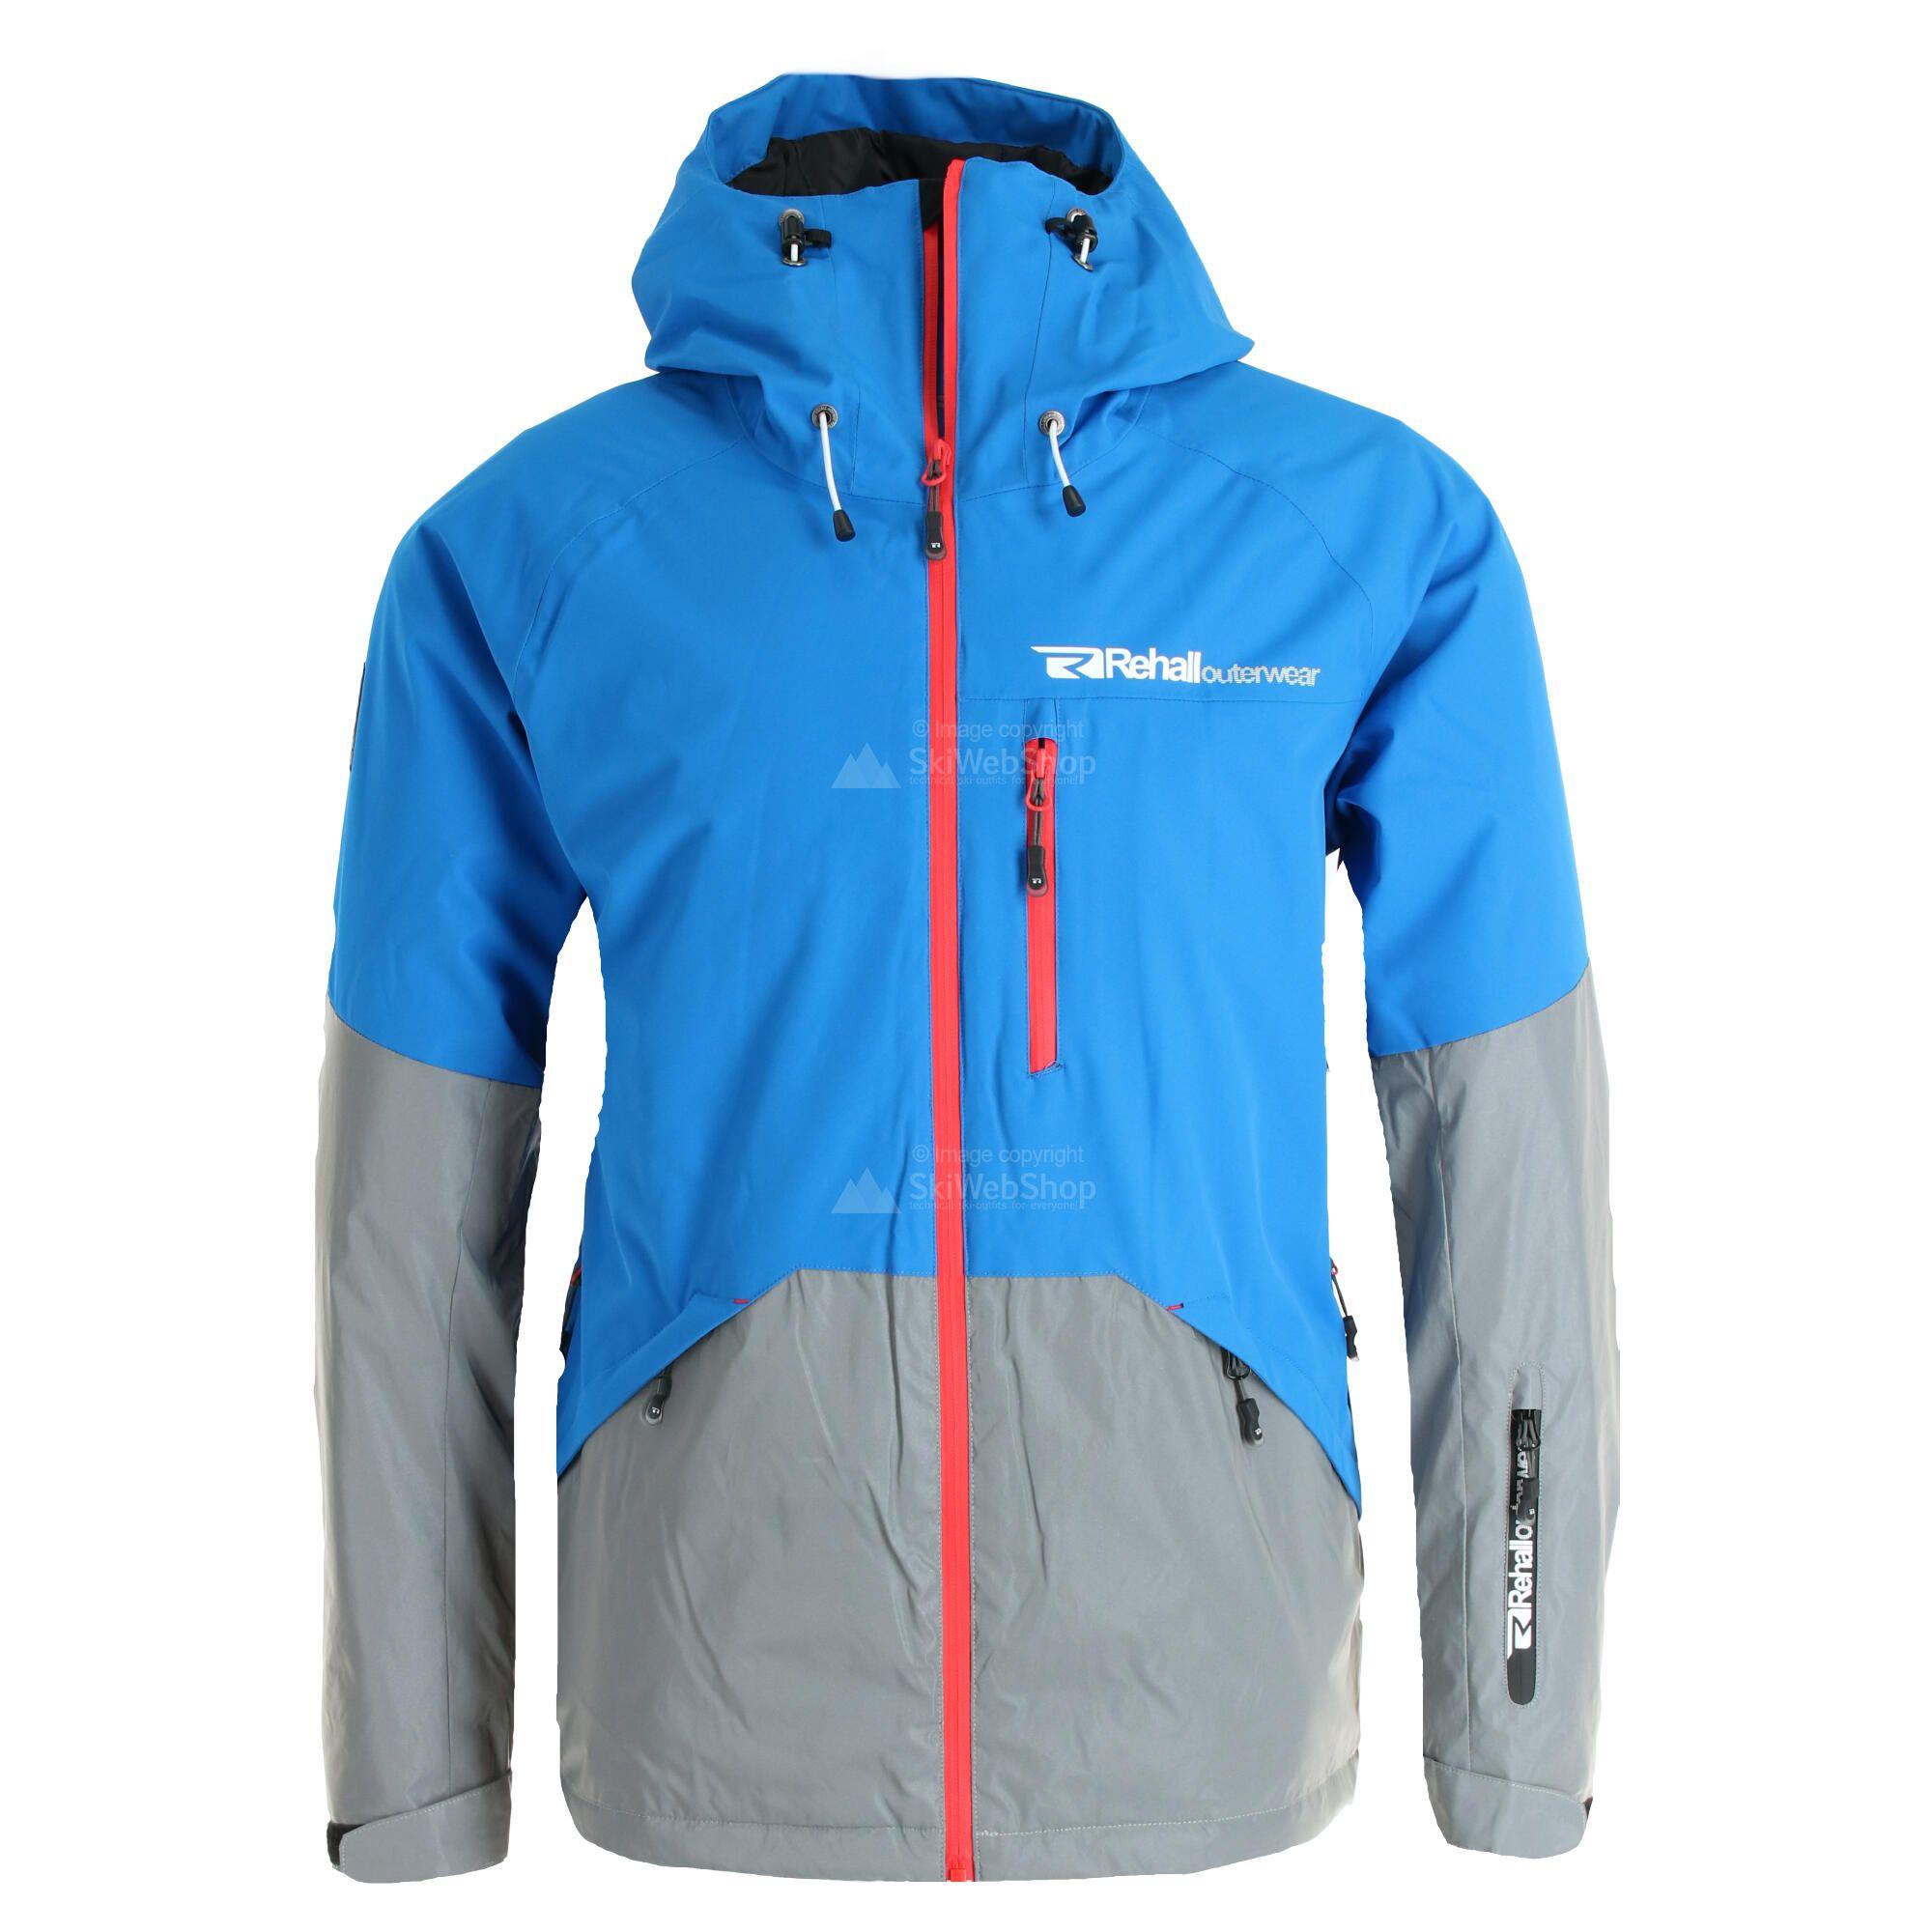 Rehall, Aspen, Skijacke, Herren, reflex blau